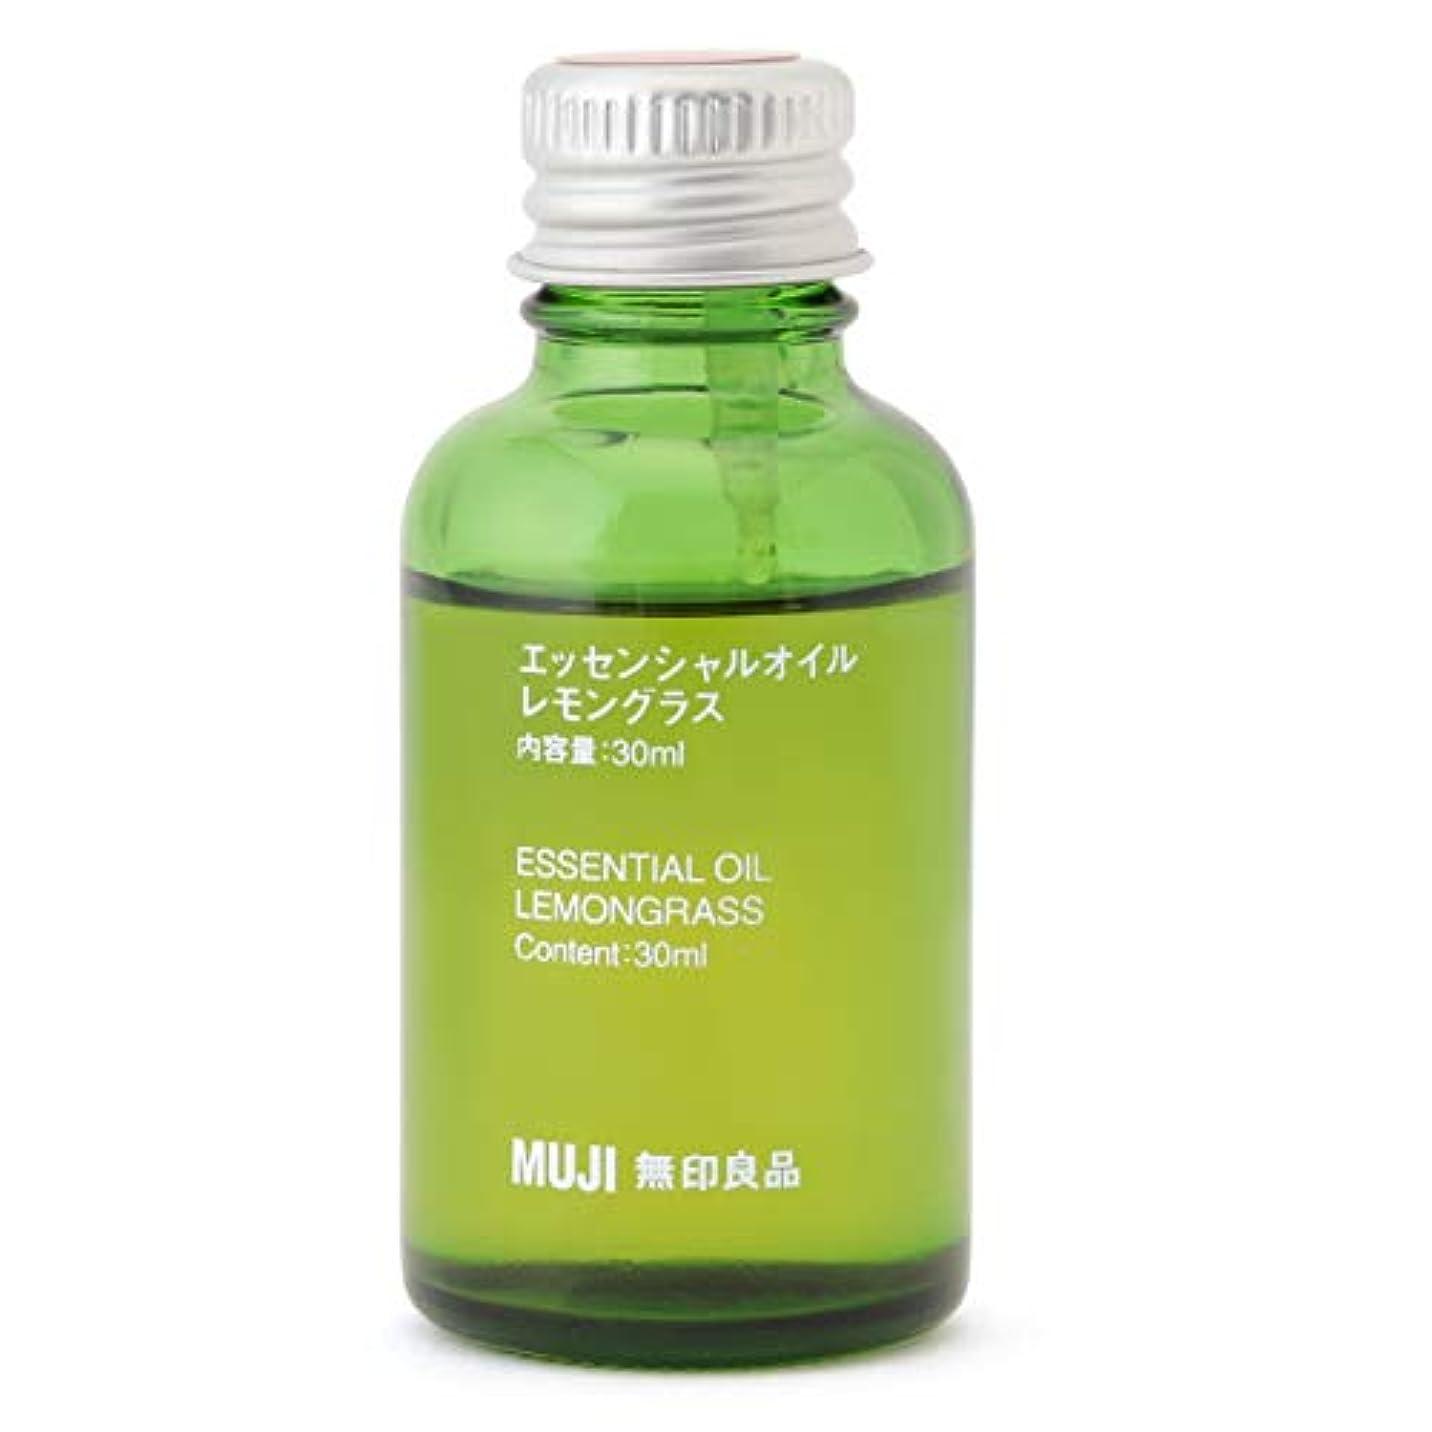 パッチ本部シミュレートする【無印良品】エッセンシャルオイル30ml(レモングラス)